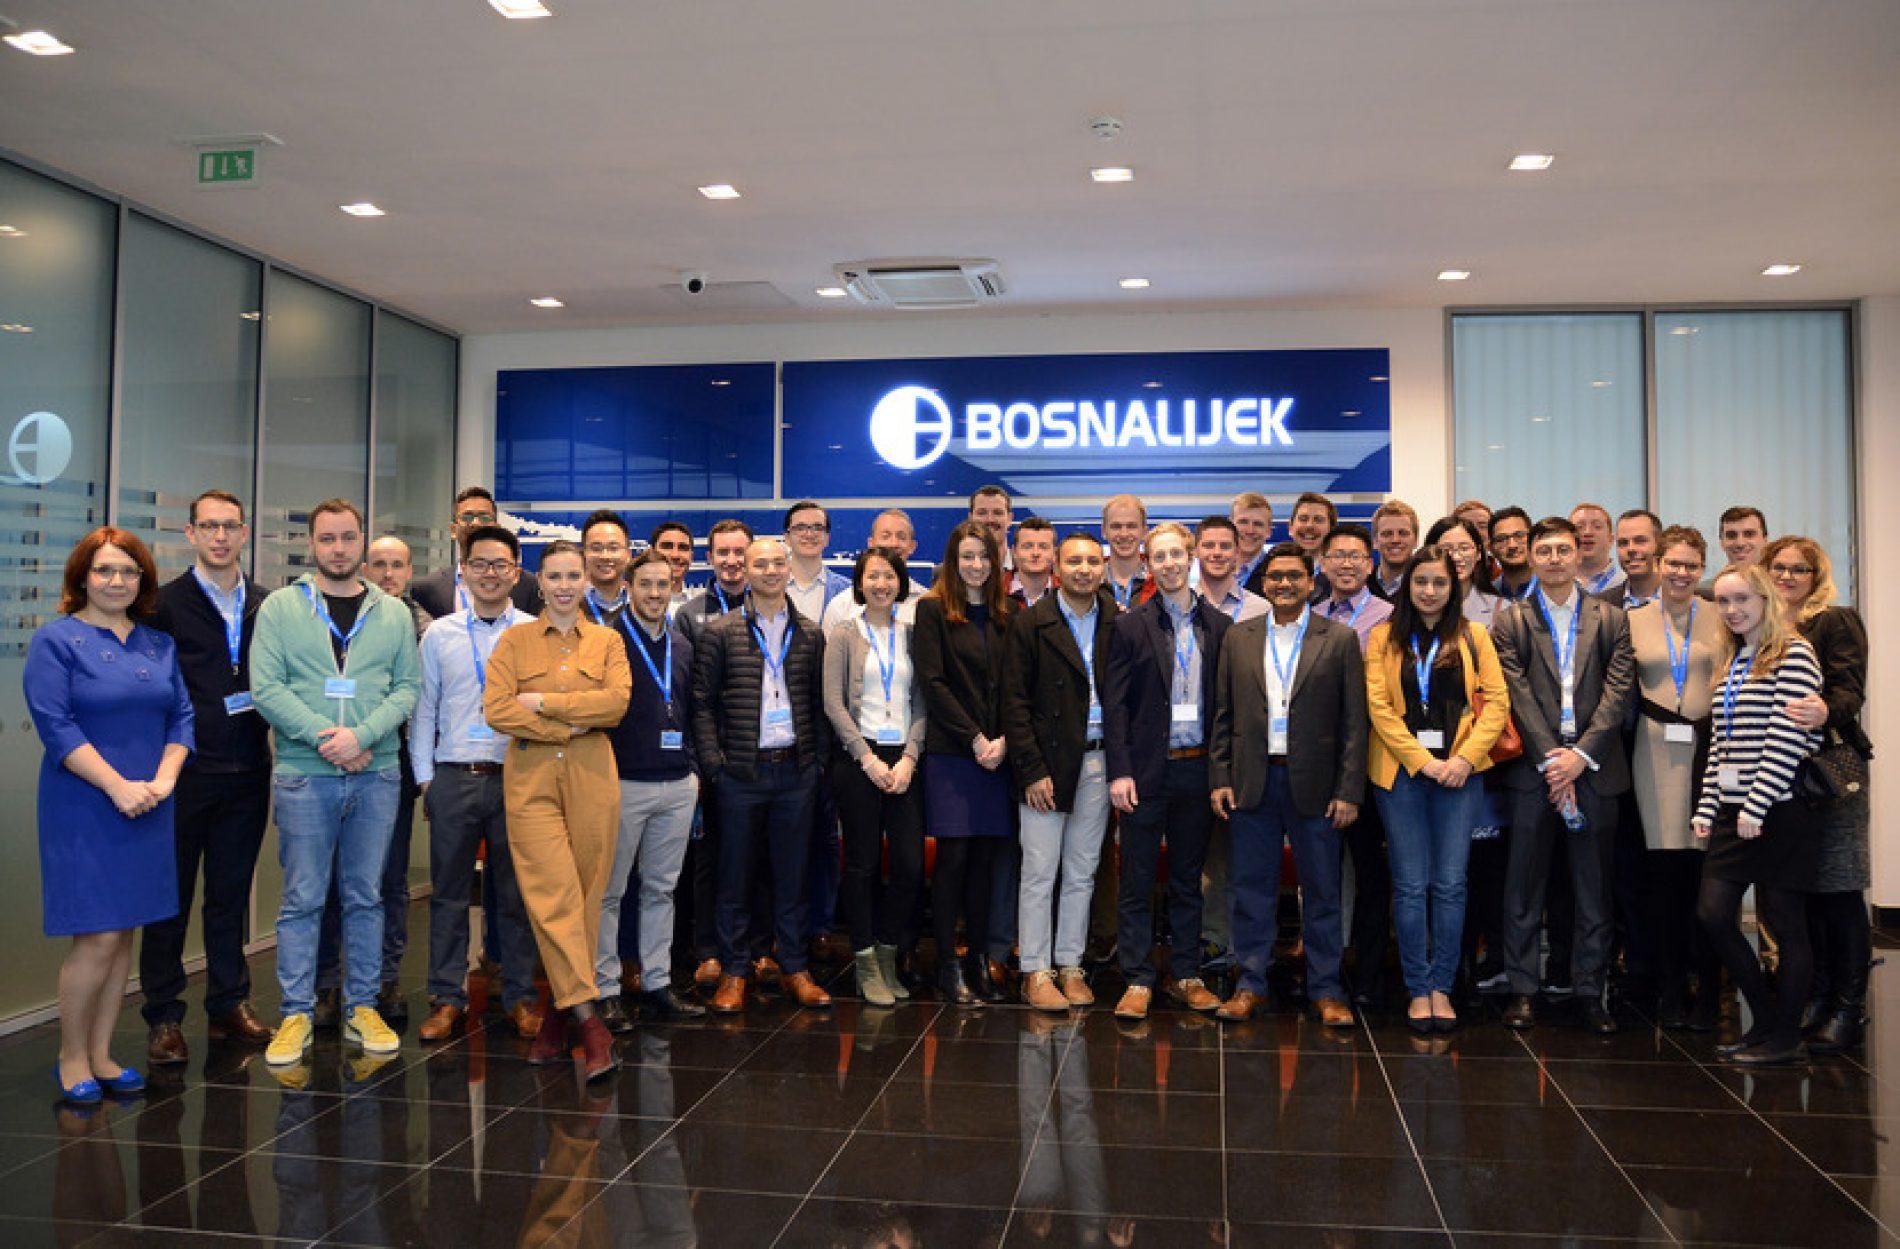 Bosnalijek potpisao ugovor o saradnji s globalnom farmaceutskom kompanijom Mylan